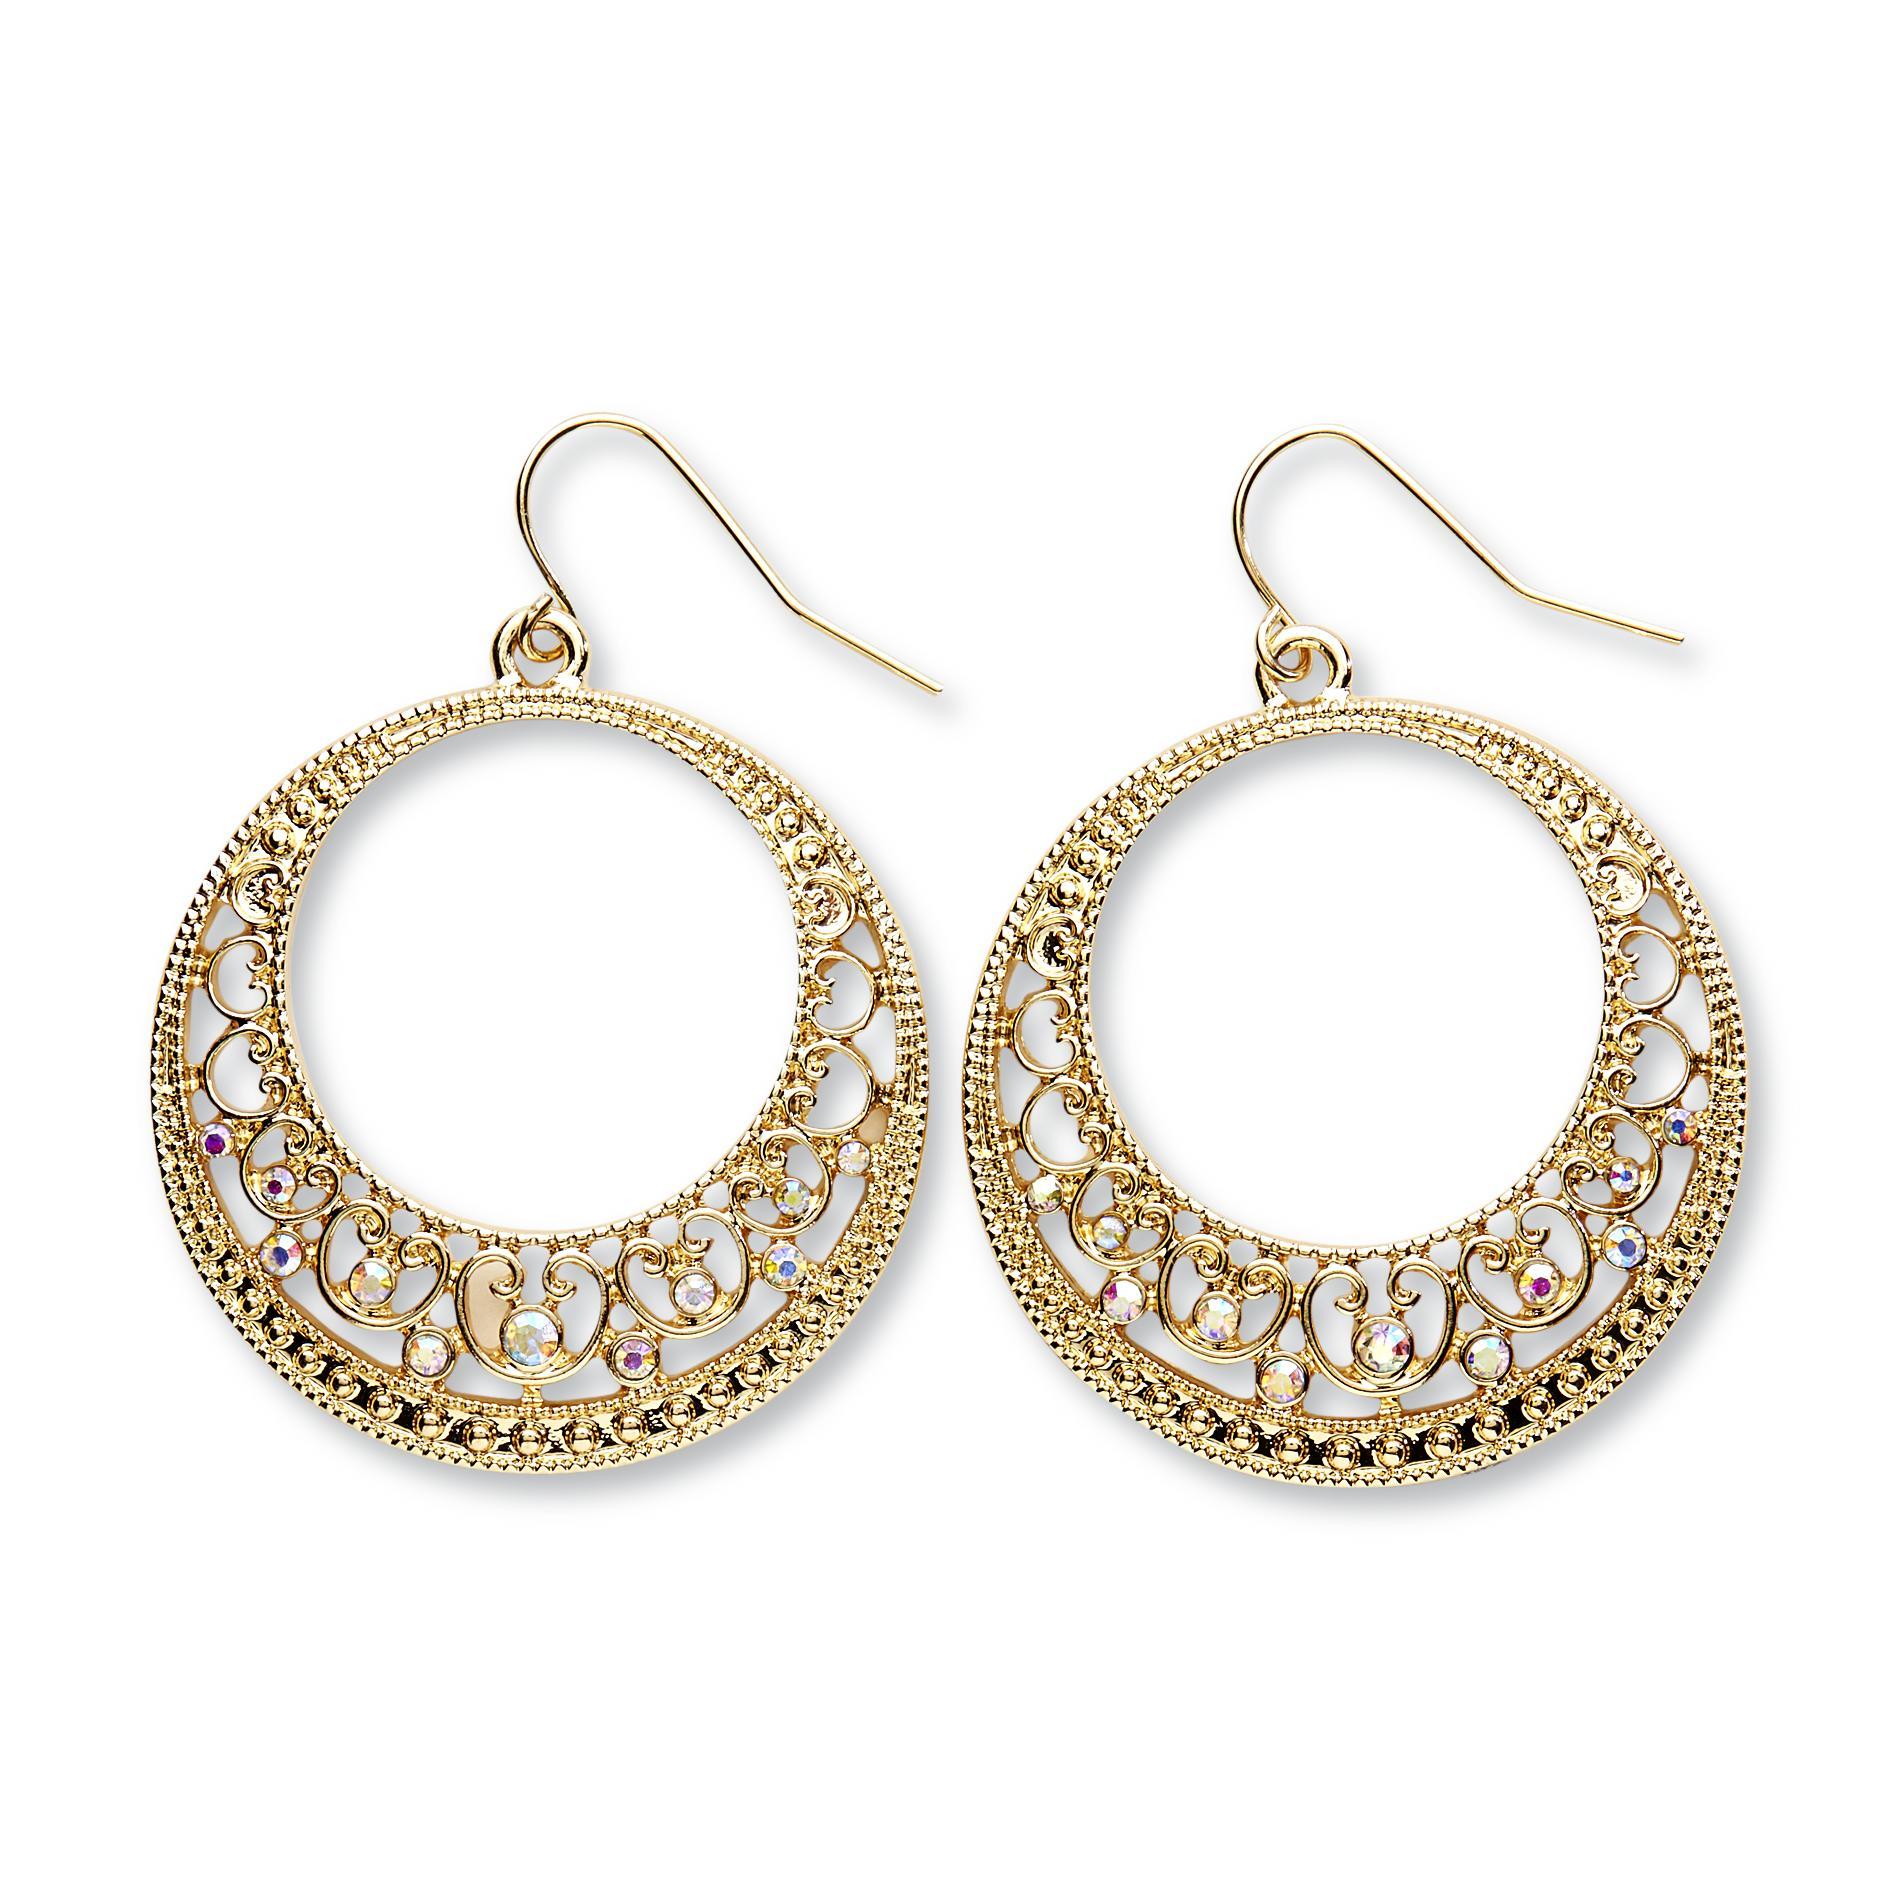 Women's Goldtone Beaded Hoop Earrings